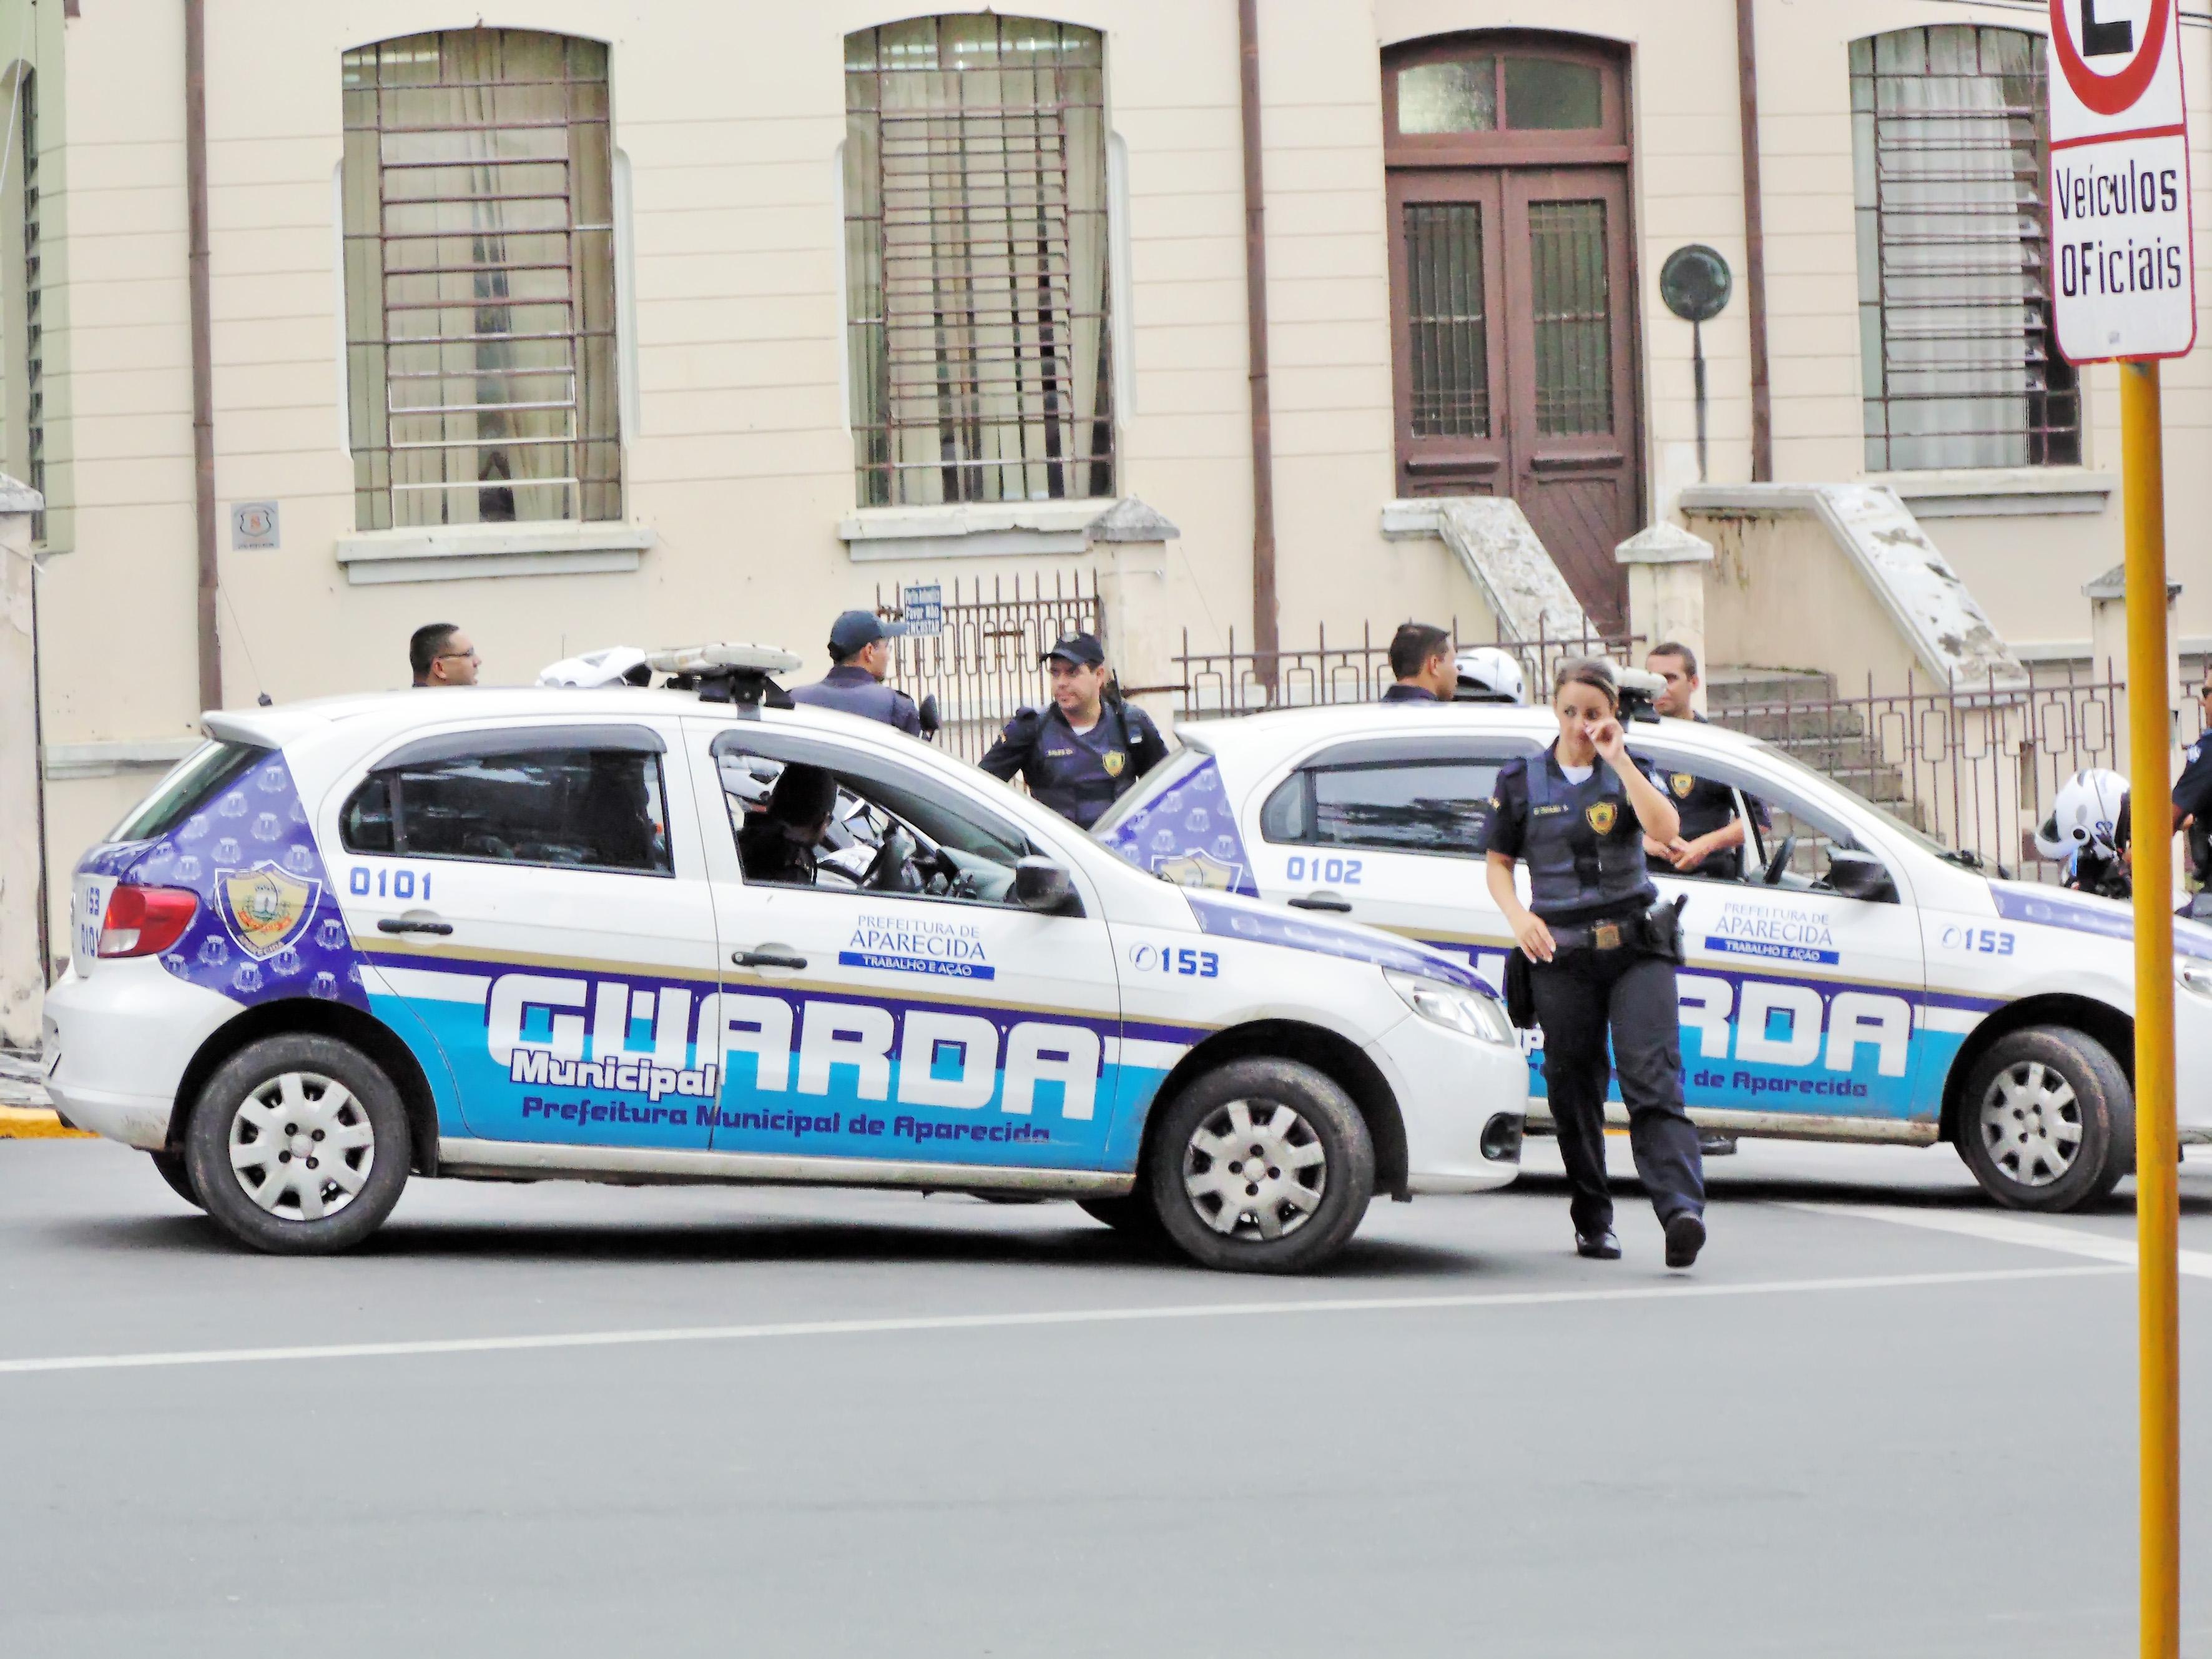 Guarda municipal de Aparecida durante ronda pela região central da cidade; apoio popular ampliado  (Foto: Arquivo Atos)